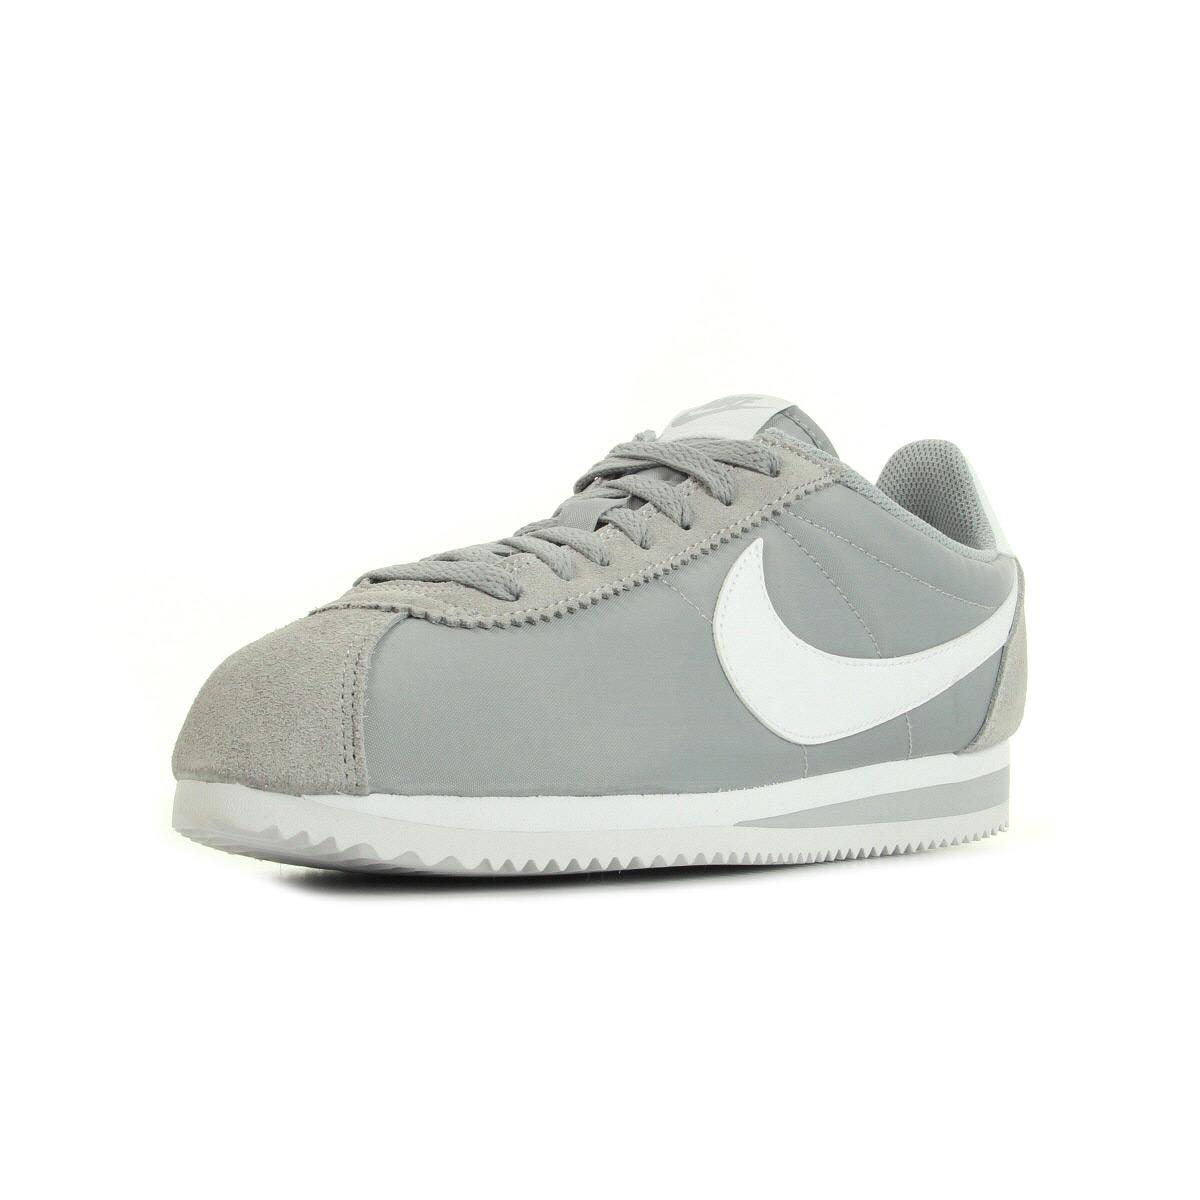 Chaussures Baskets Nike unisexe Classic Gris Cortez Nylon taille Gris Classic 41c4ba